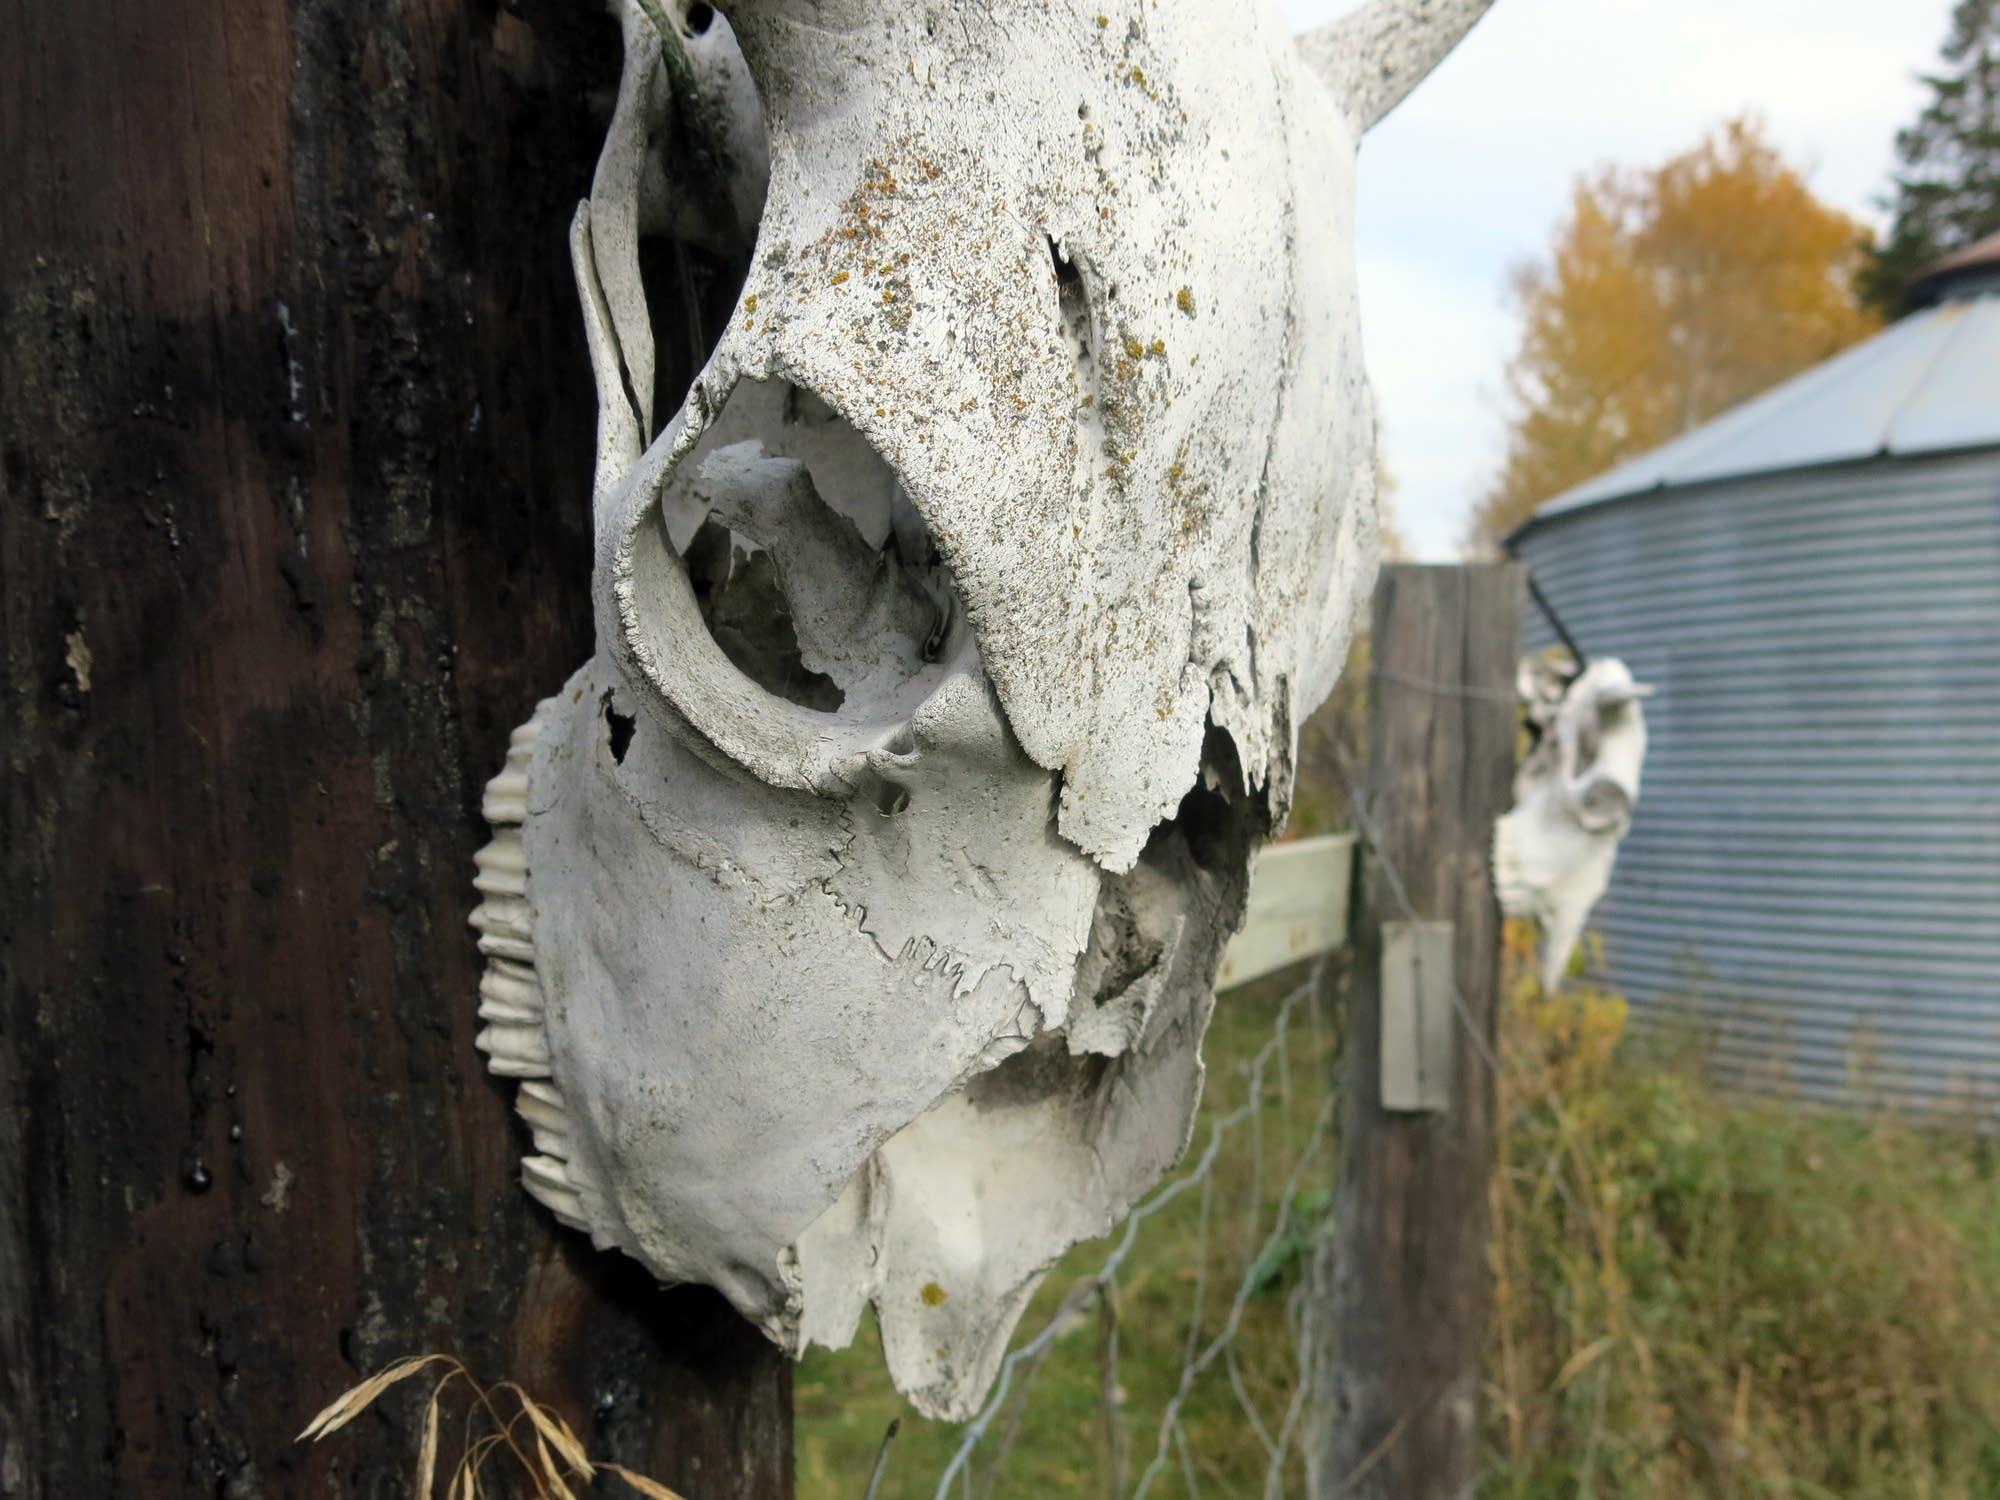 Sun-bleached buffalo skull